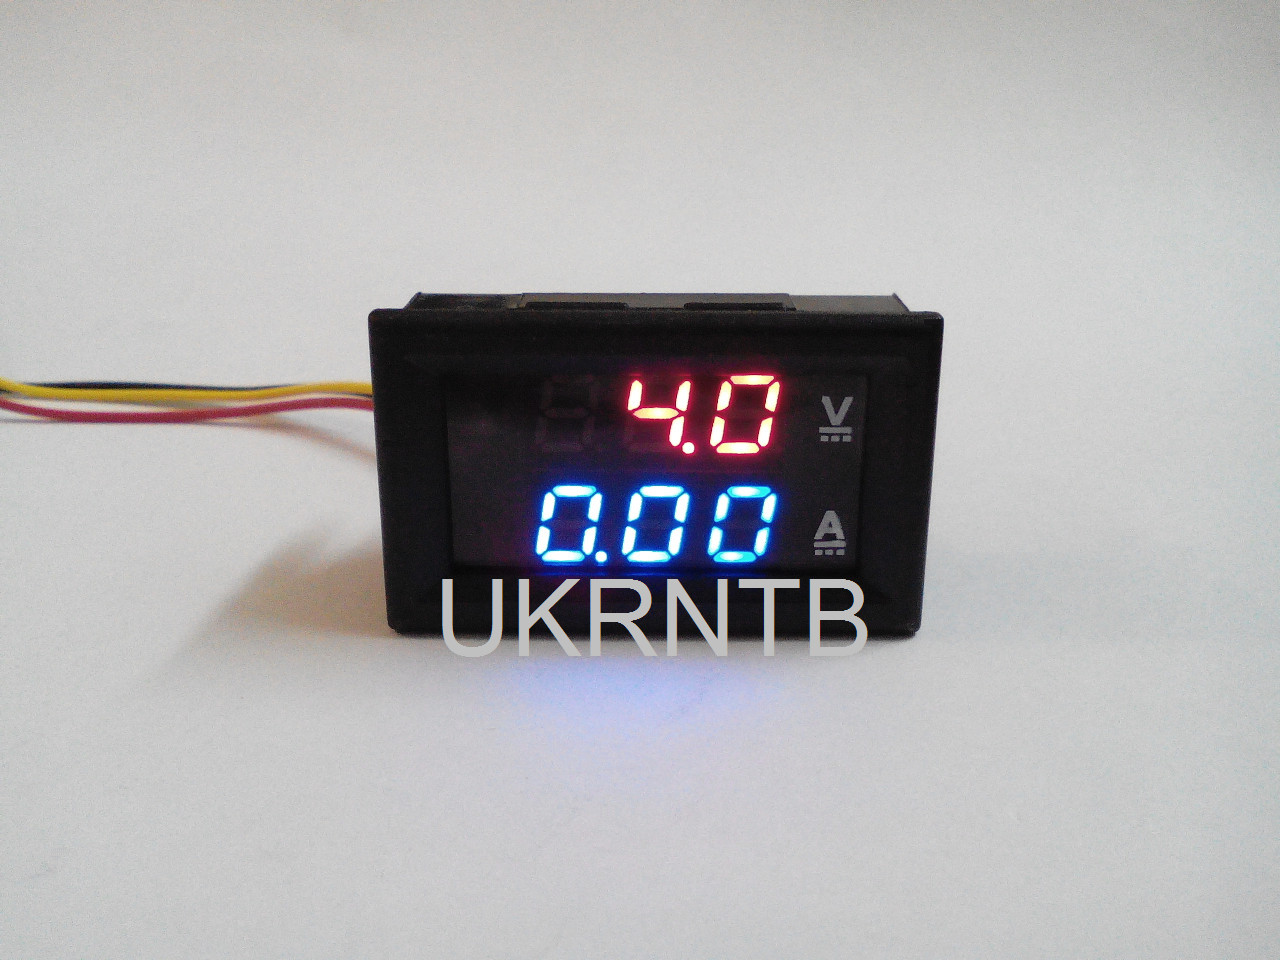 Вольтметр-амперметр цифровой / Вольтметр / Амперметр / (3,7-30 В, 0-100 В, до 10 А)